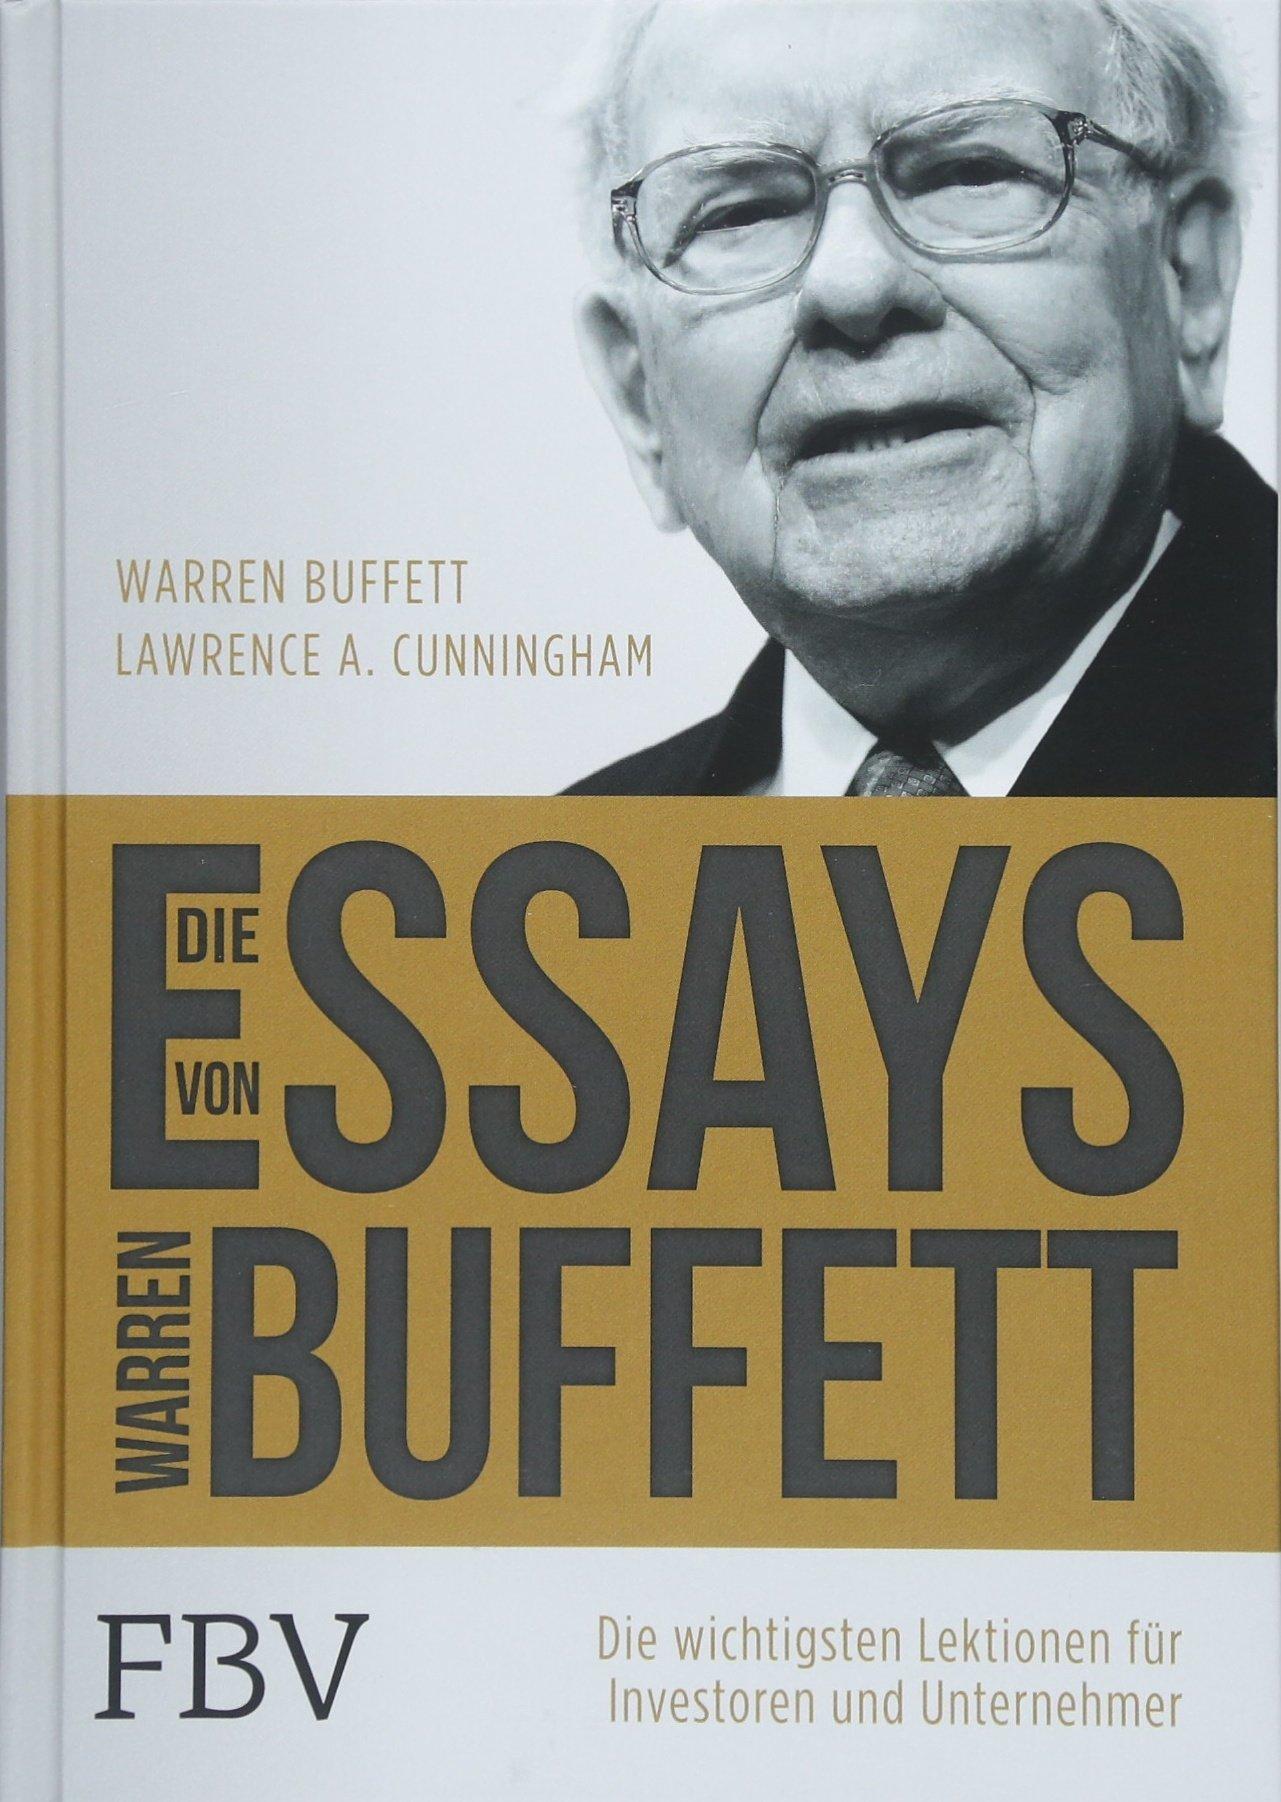 001 Essay Example 81hgobz2bc1l Die Essays Von Warren Archaicawful Buffett Pdf Full